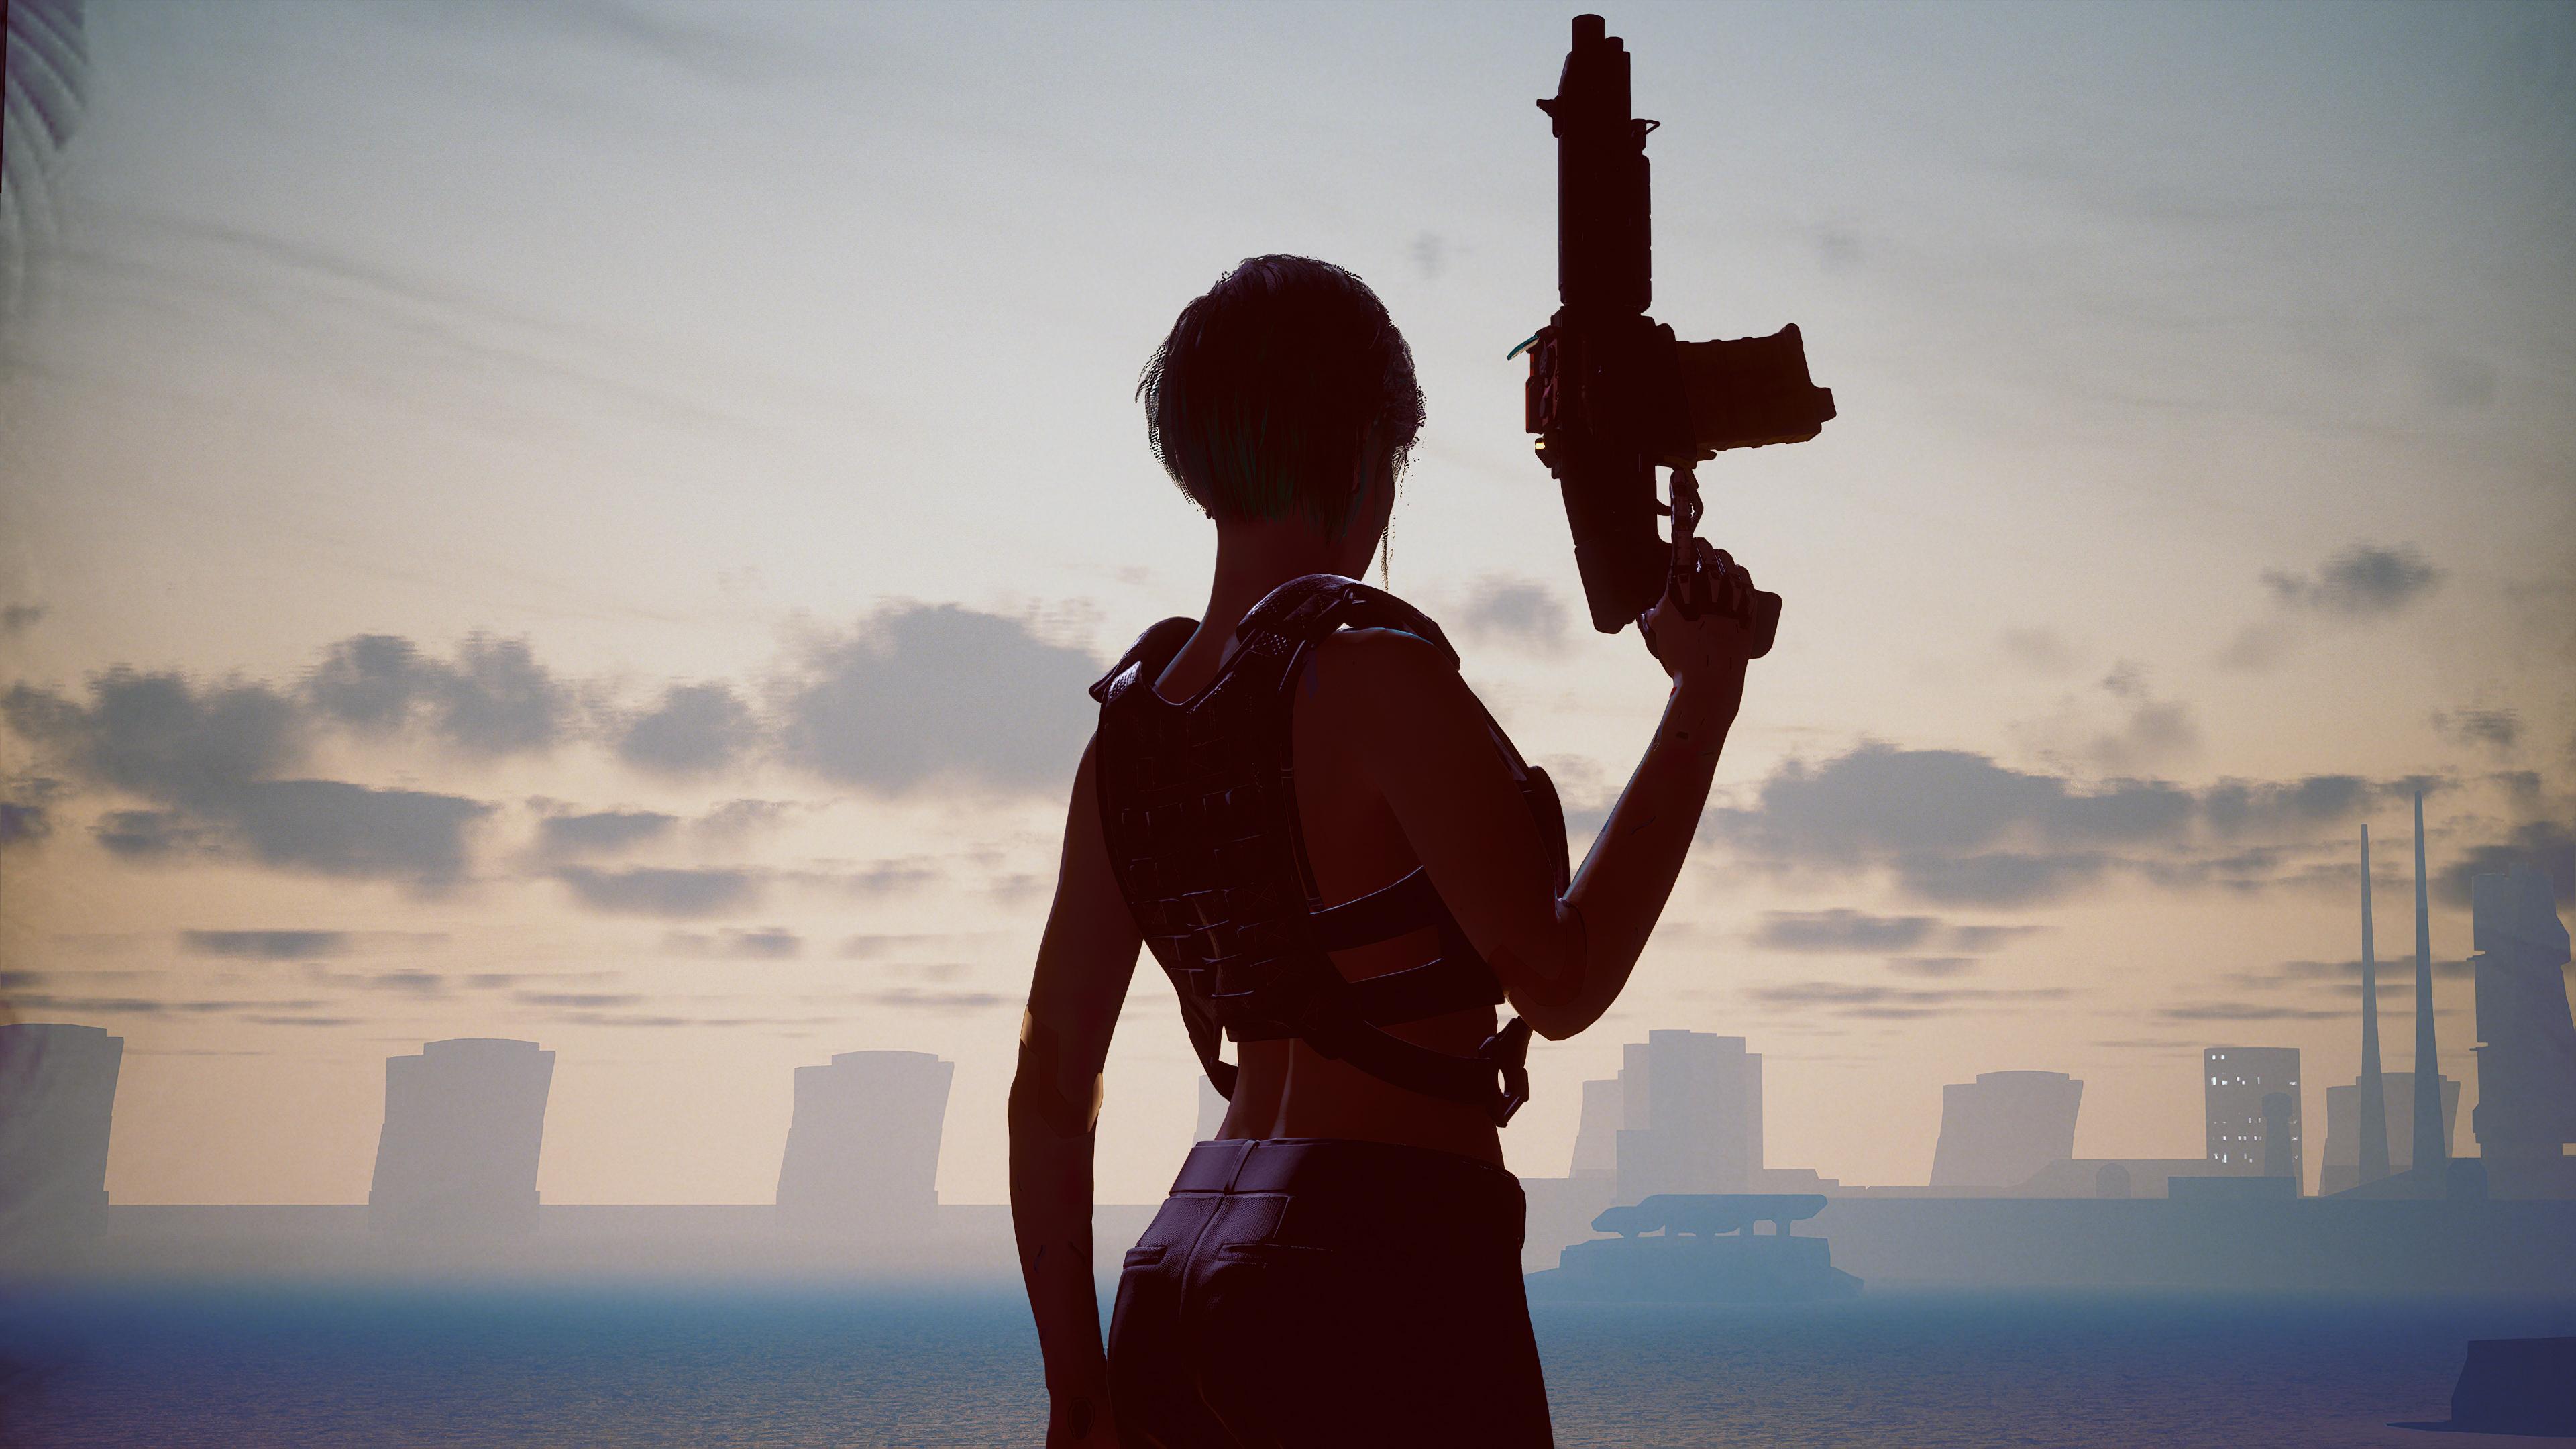 cyberpunk 2077 girl with shotgun 4k 1615136301 - Cyberpunk 2077 Girl With Shotgun 4k - Cyberpunk 2077 Girl With Shotgun 4k wallpapers